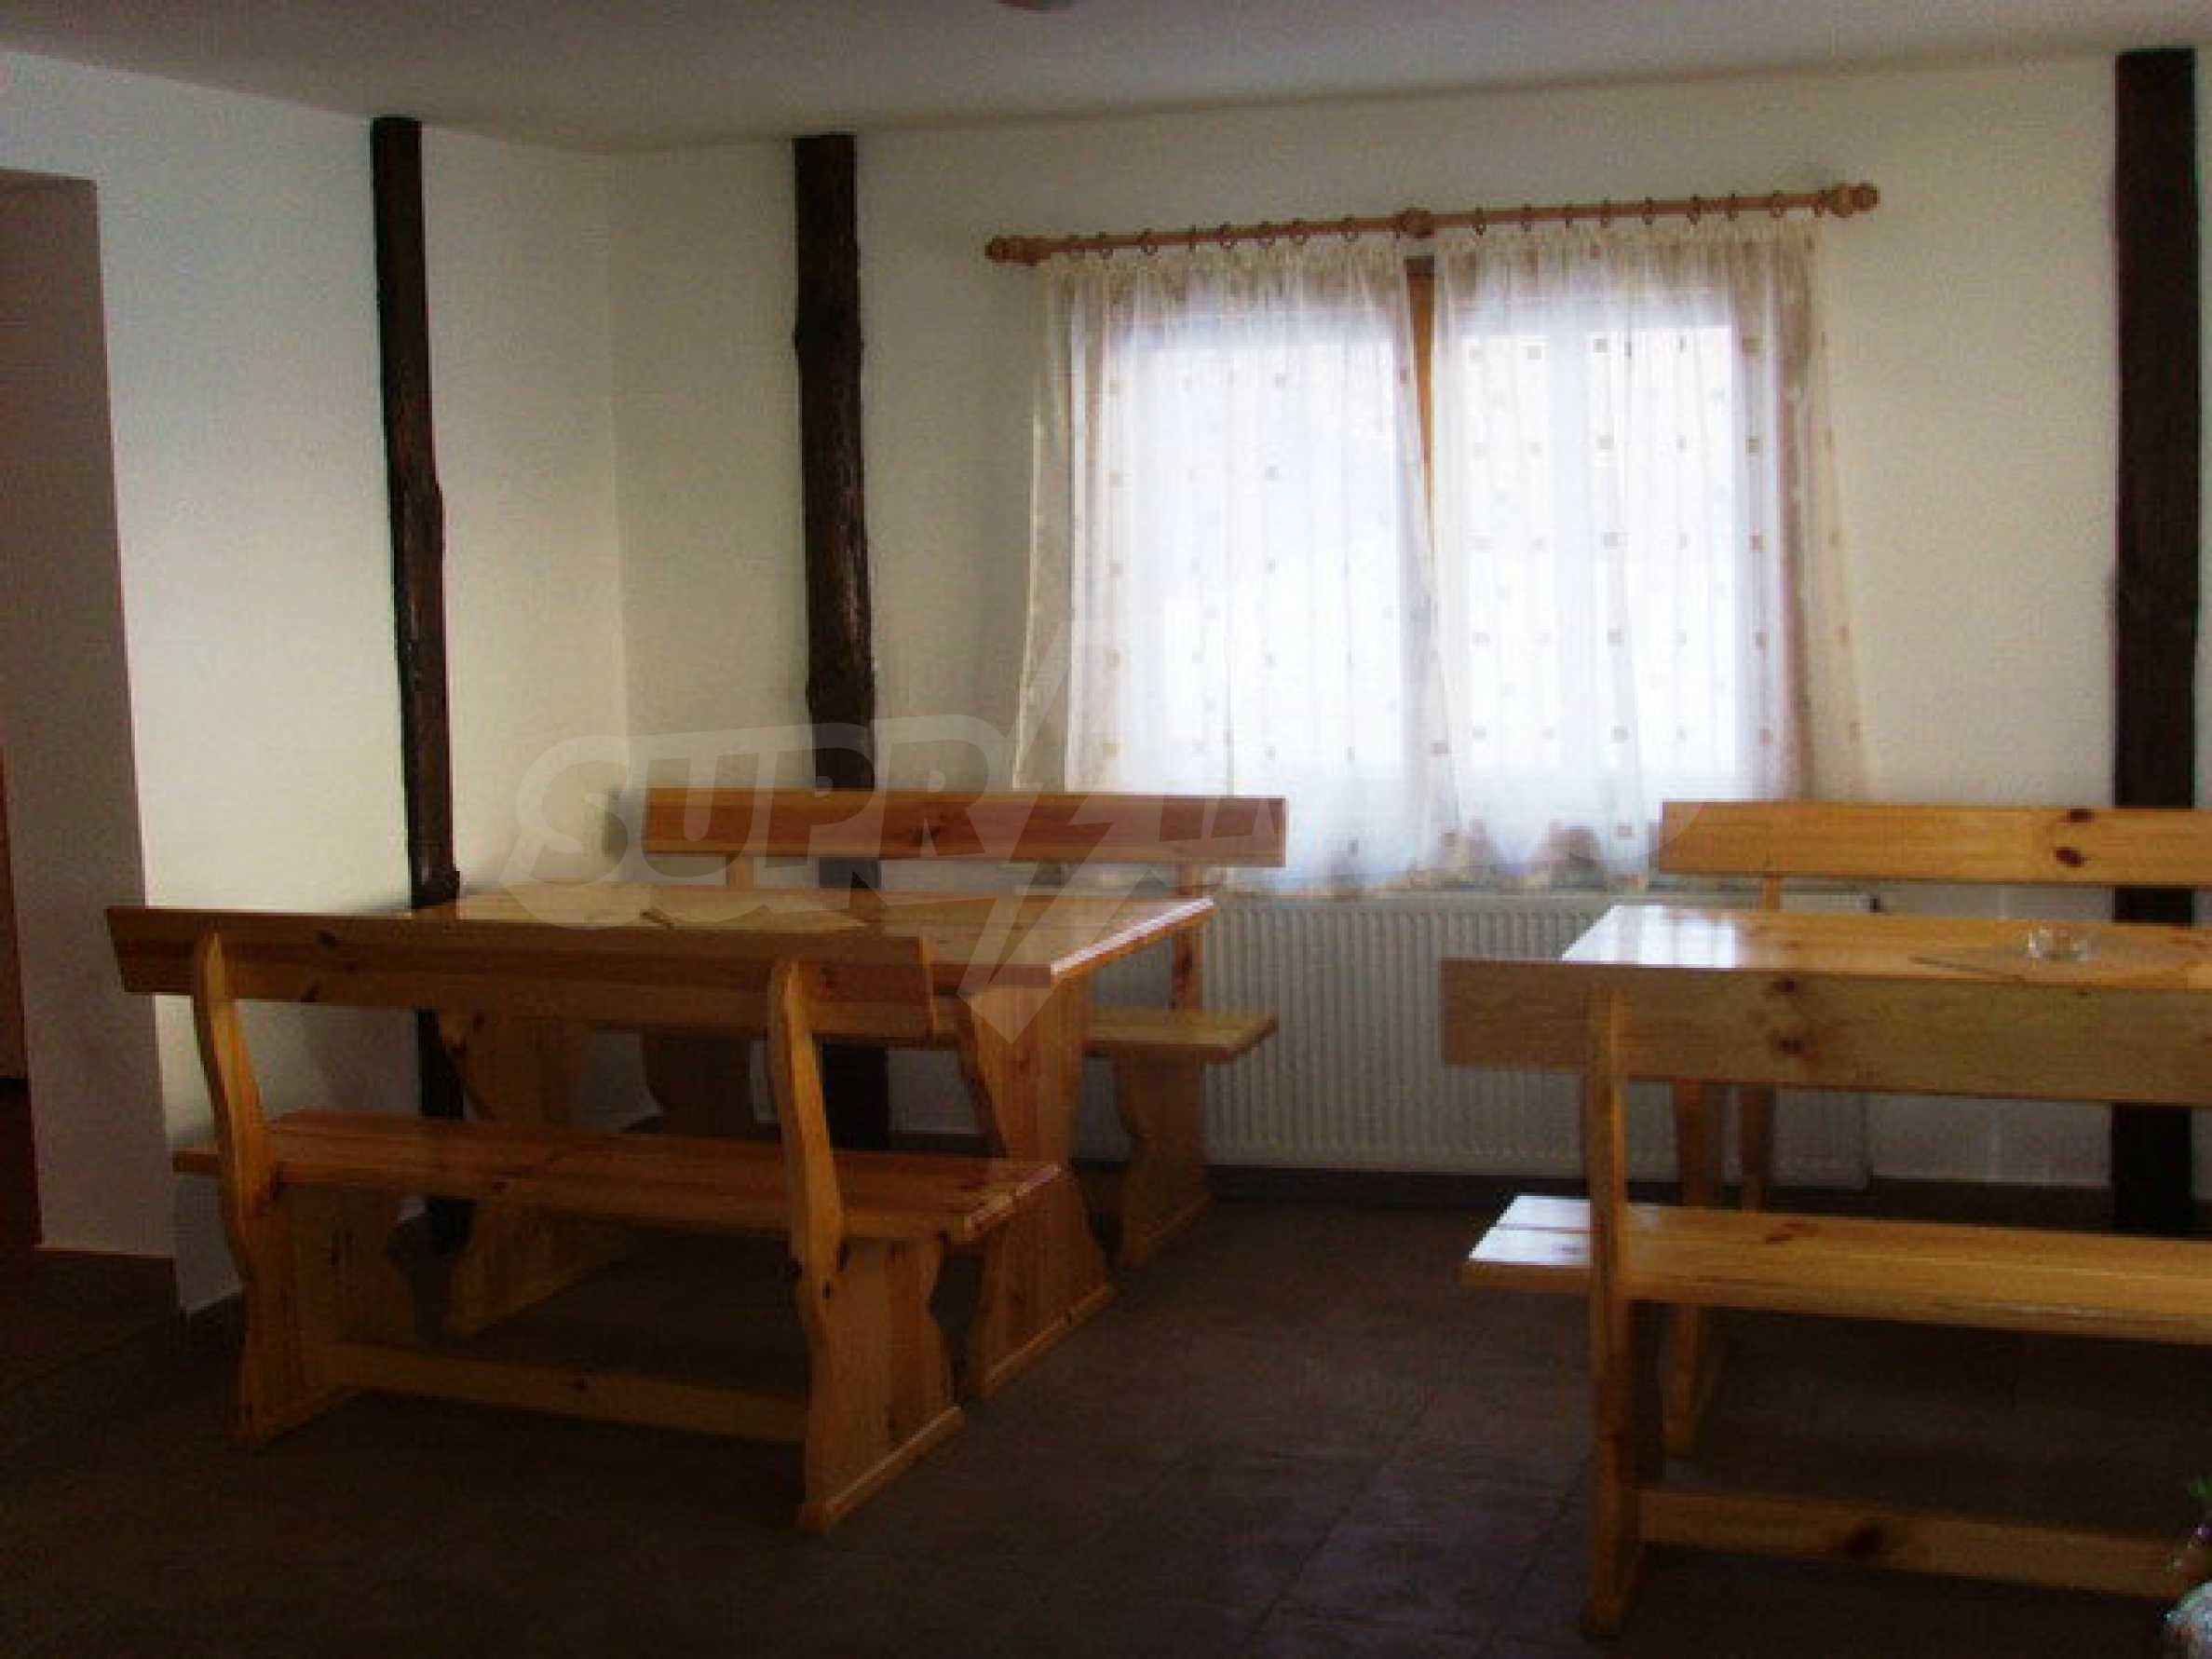 Geräumiges, voll möbliertes und ausgestattetes zweistöckiges Haus in Ribaritsa 2